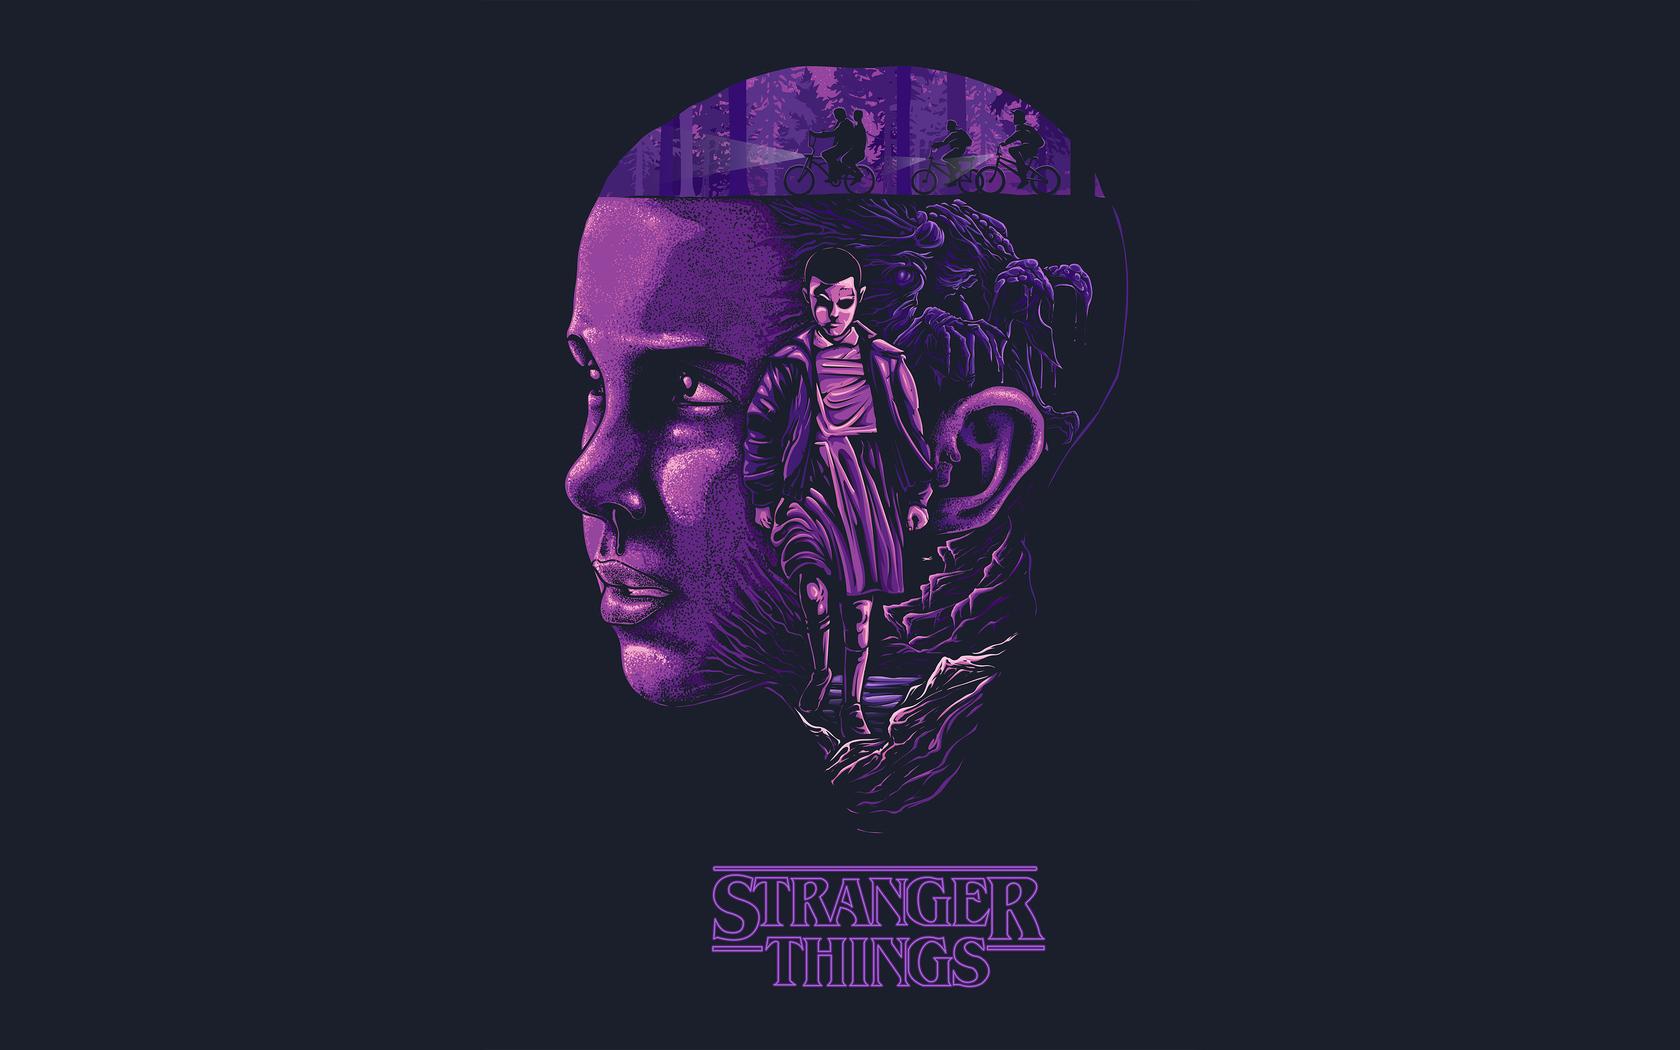 stranger-things-4k-art-1a.jpg